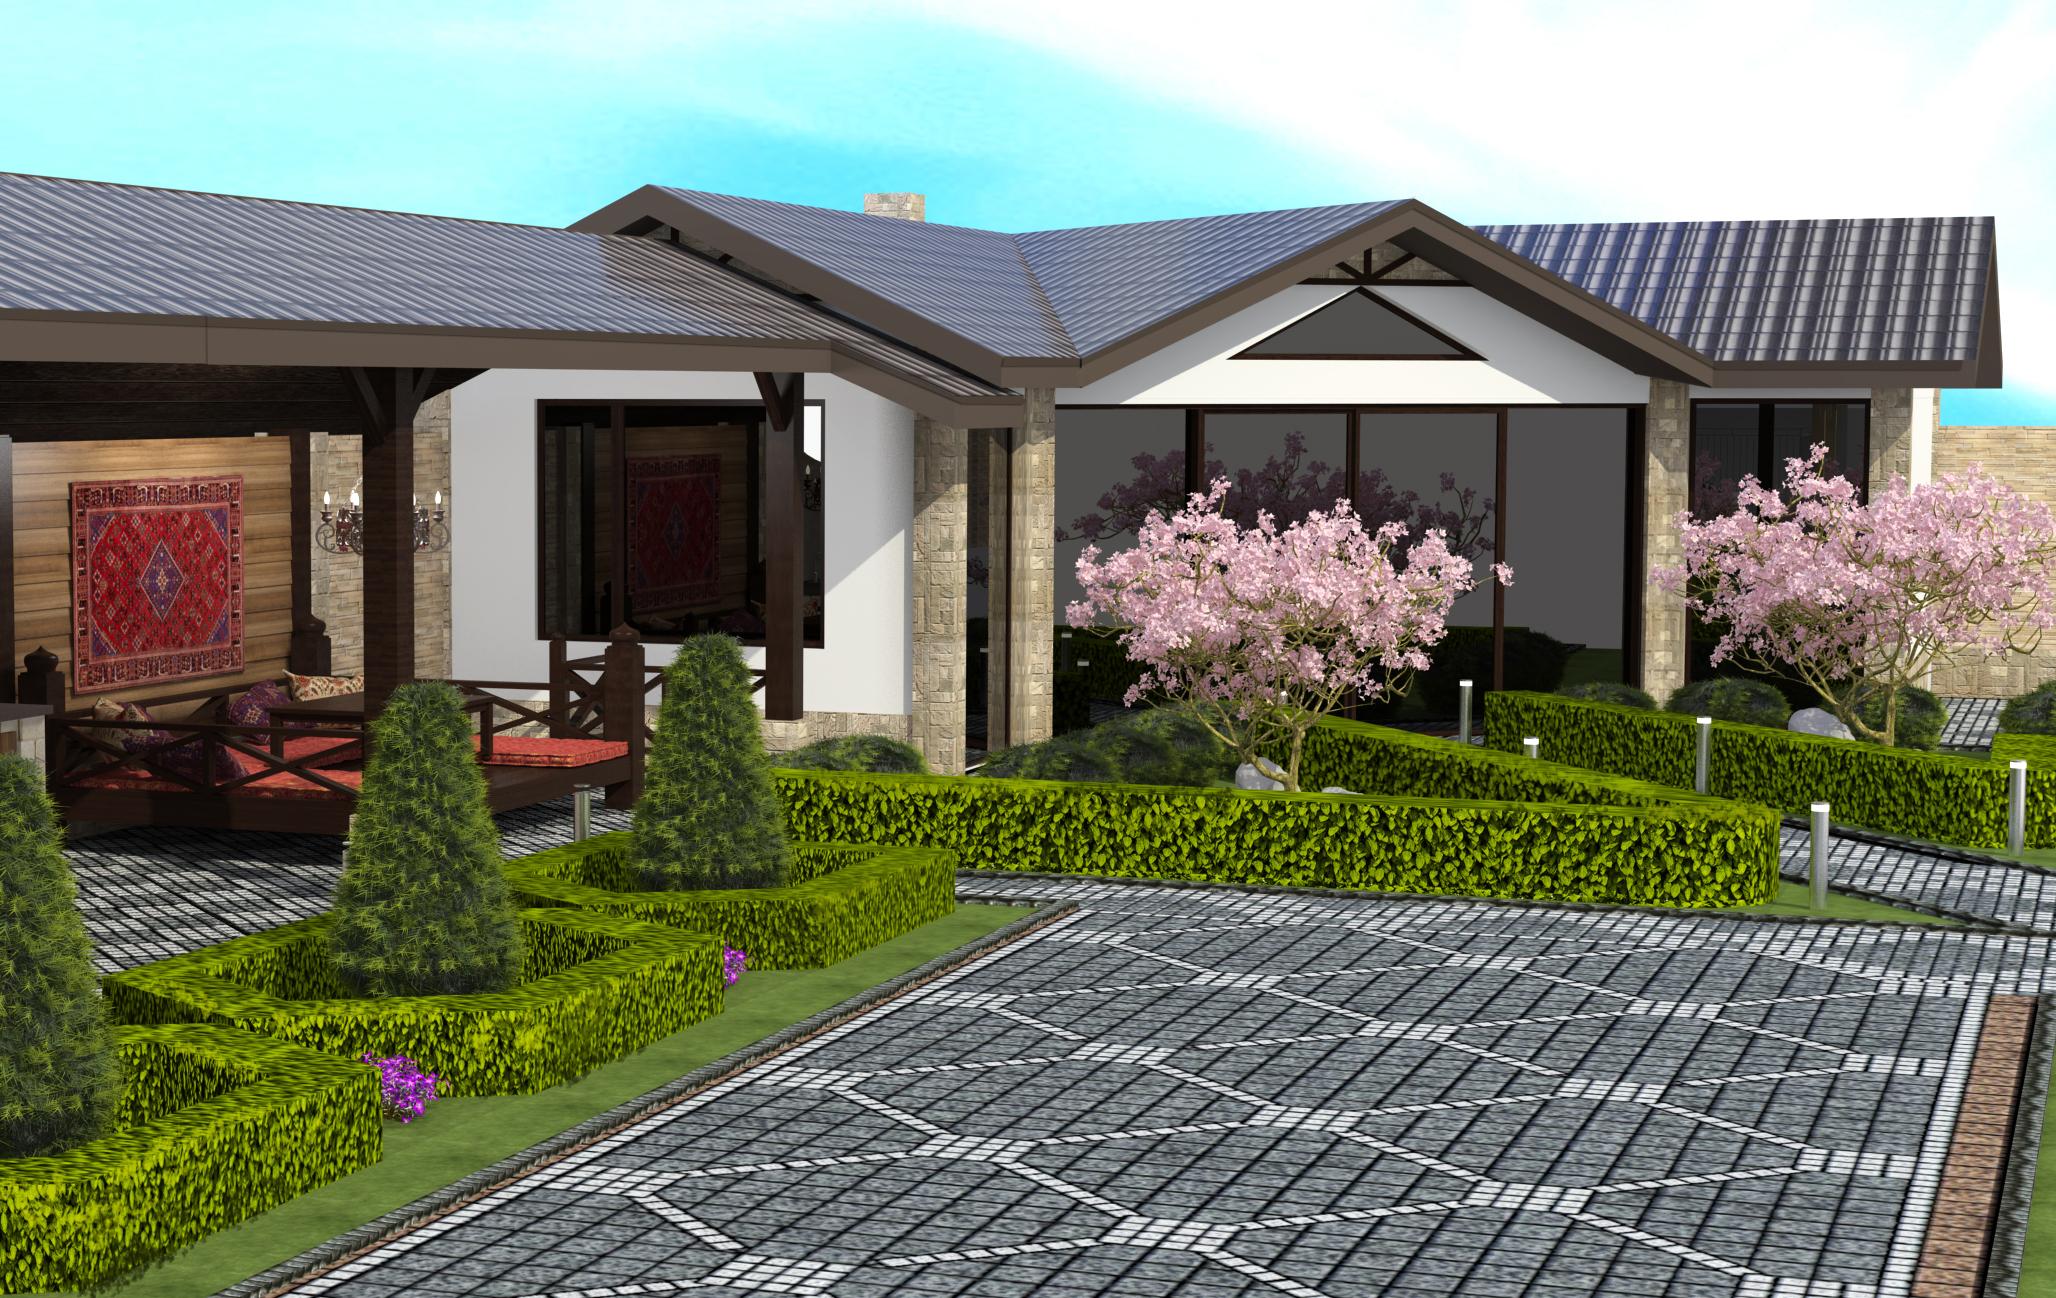 решение дизайн фасада и ландшафта фото отеле санрайз семьёй